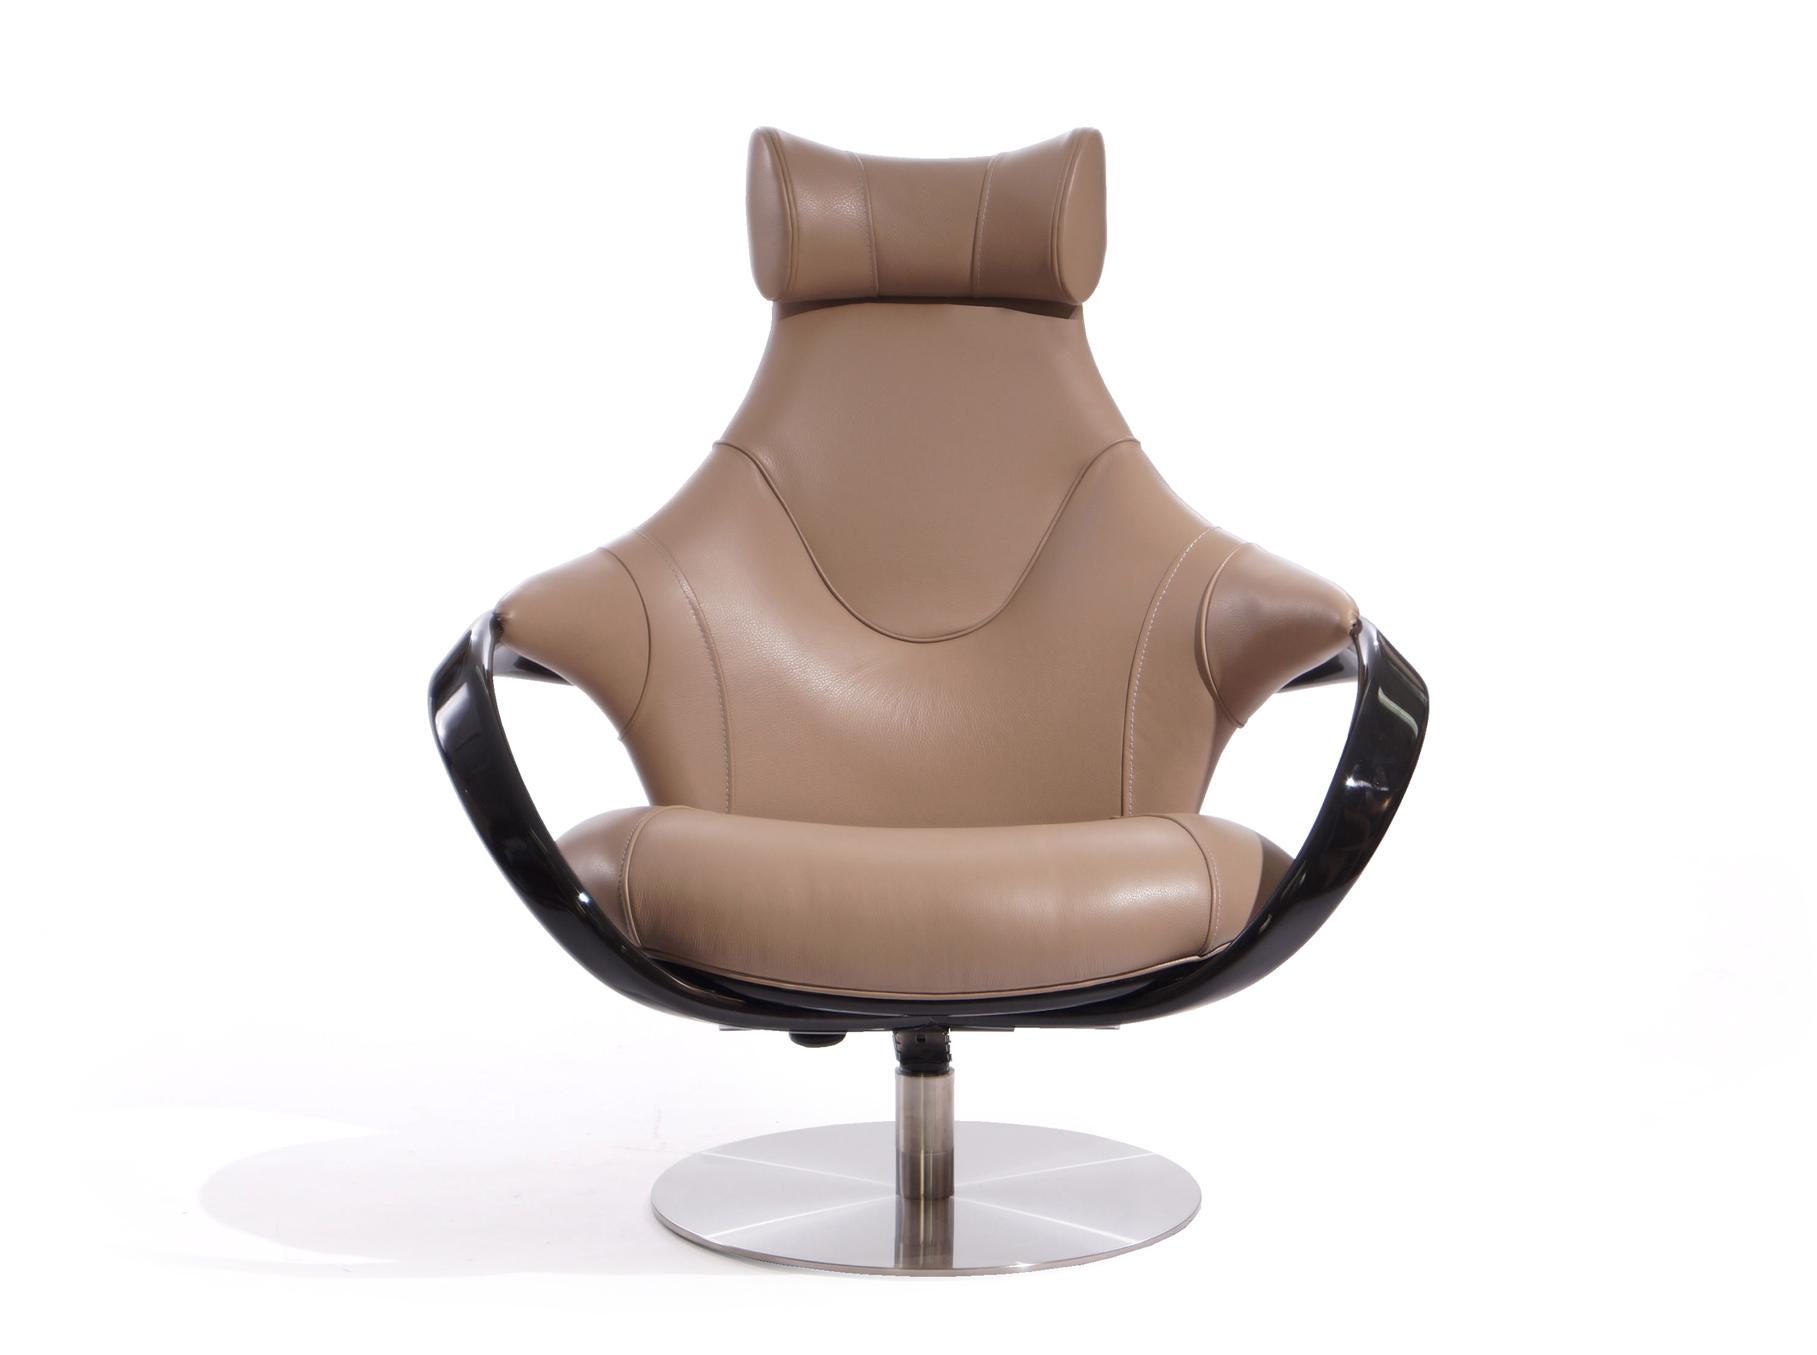 Кресло Apriori RКожаные кресла<br>&amp;lt;div&amp;gt;Дизайнерское, удивительно удобное, кресло c механизмом качения.&amp;amp;nbsp;&amp;lt;/div&amp;gt;&amp;lt;div&amp;gt;Удачно дополнит комплект мягкой мебели в современную гостиную.&amp;lt;/div&amp;gt;&amp;lt;div&amp;gt;&amp;lt;br&amp;gt;&amp;lt;/div&amp;gt;&amp;lt;div&amp;gt;Материал: натуральная береза (15т черный) глянец&amp;amp;nbsp;&amp;lt;/div&amp;gt;&amp;lt;div&amp;gt;Обивка: кожа натуральная цвет cappuccino&amp;lt;/div&amp;gt;<br><br>Material: Кожа<br>Ширина см: 100<br>Высота см: 110